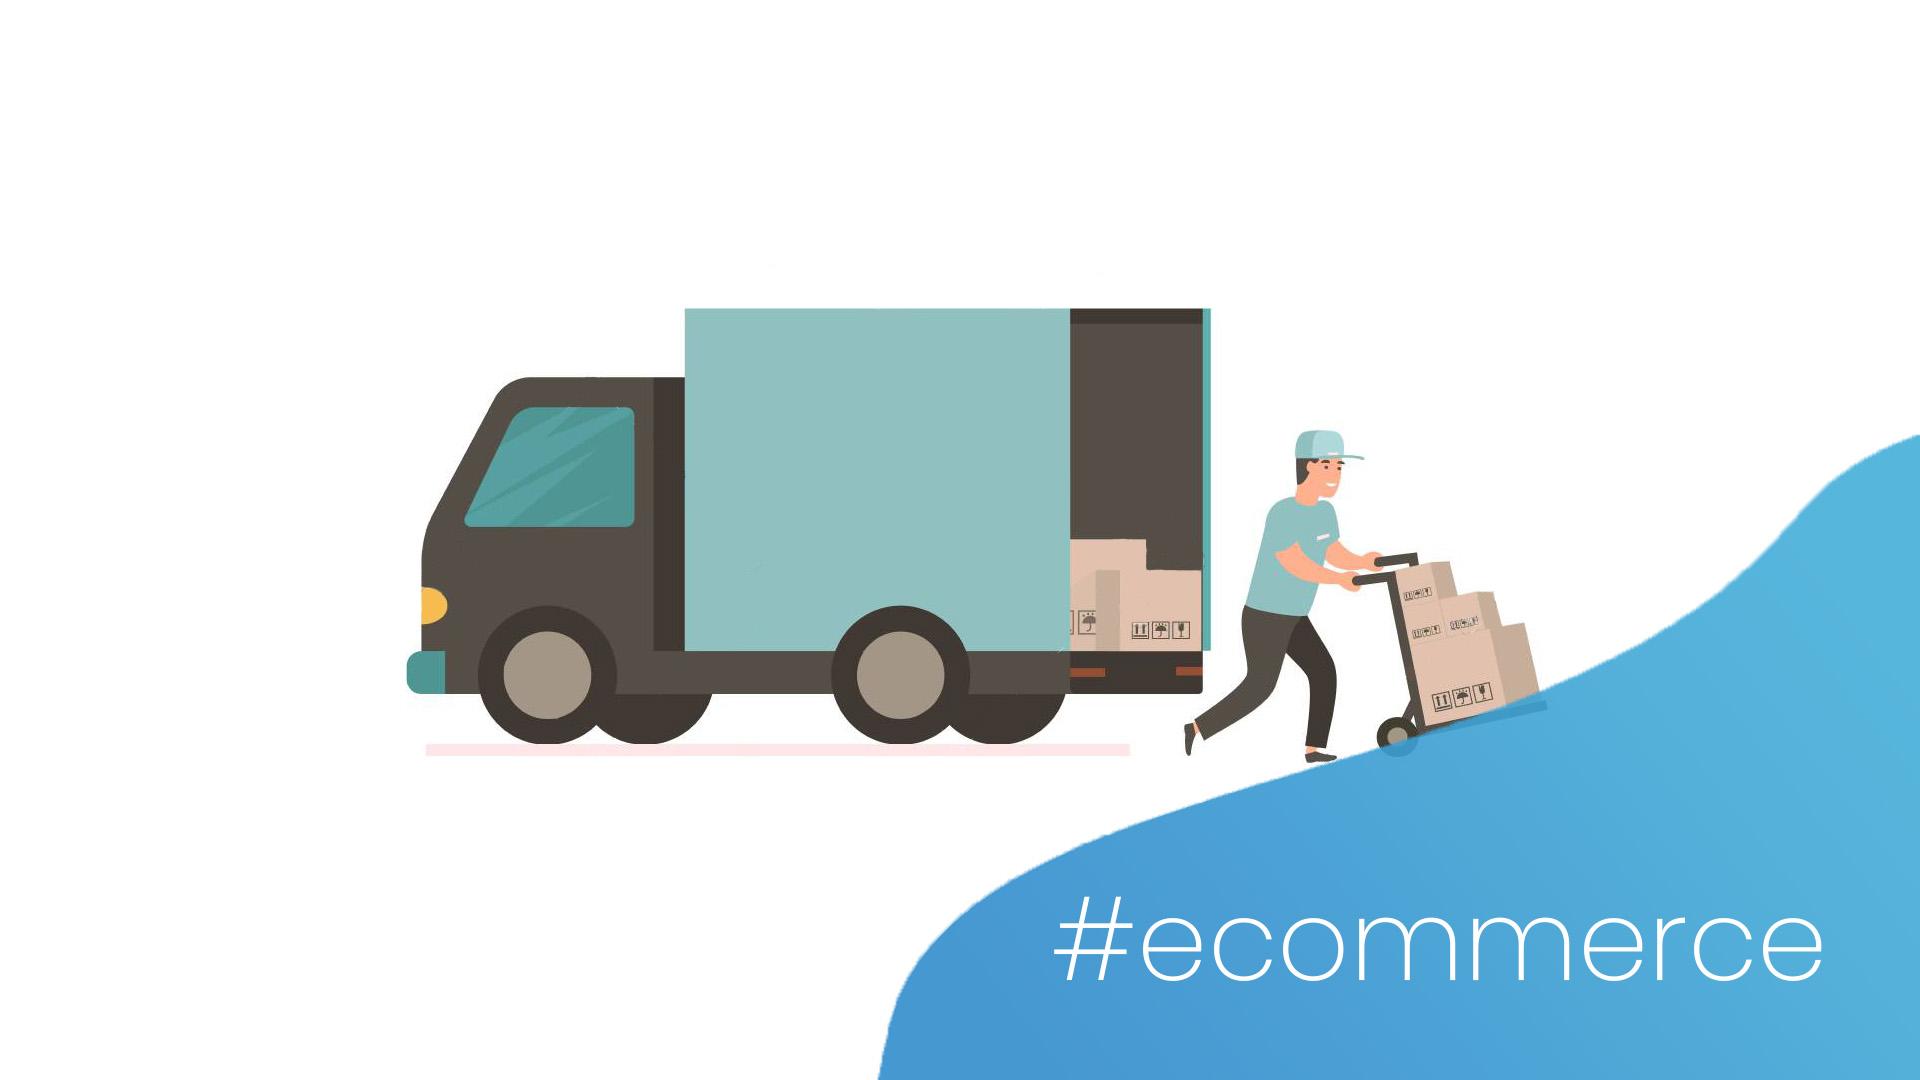 Darmowa dostawa – jak ją sprytnie wykorzystać, aby zwiększyć sprzedaż?